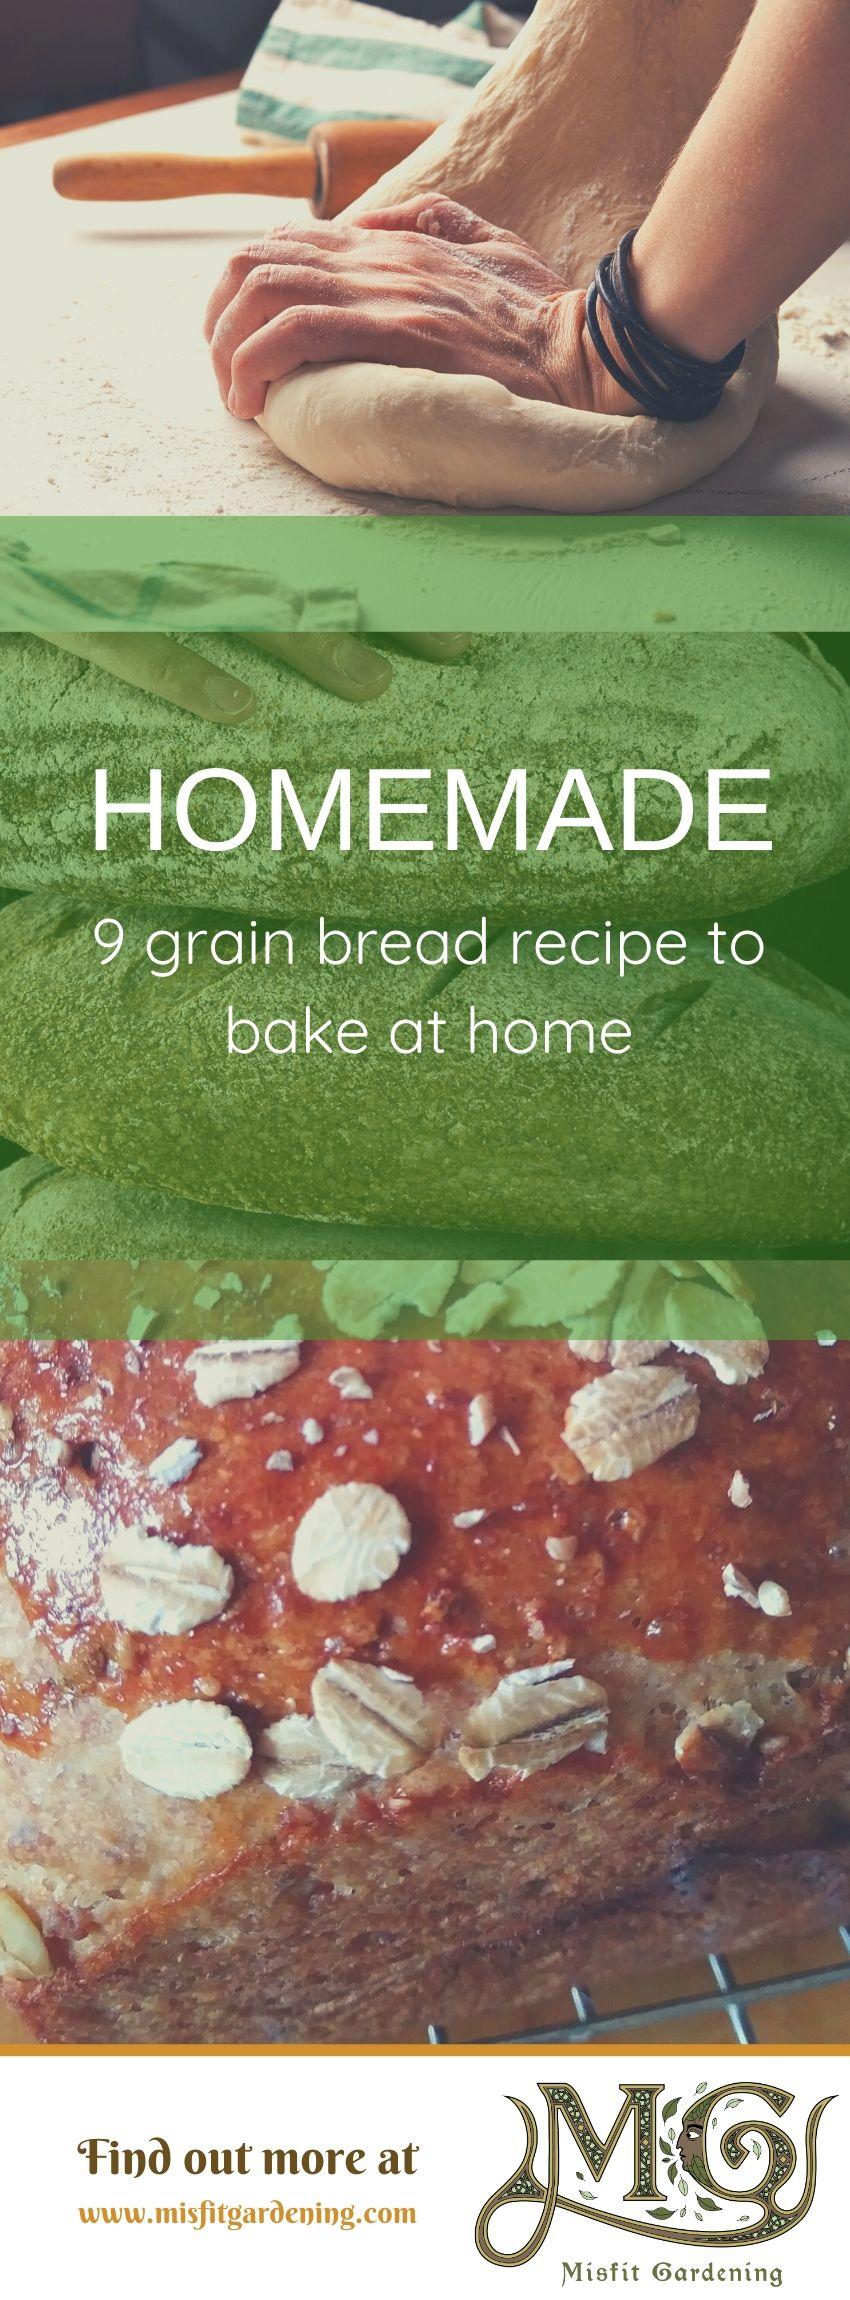 Klicken Sie hier, um das 9-Korn-Brotrezept zu erhalten, oder stecken Sie es fest und speichern Sie es für später. #homemade #homestead